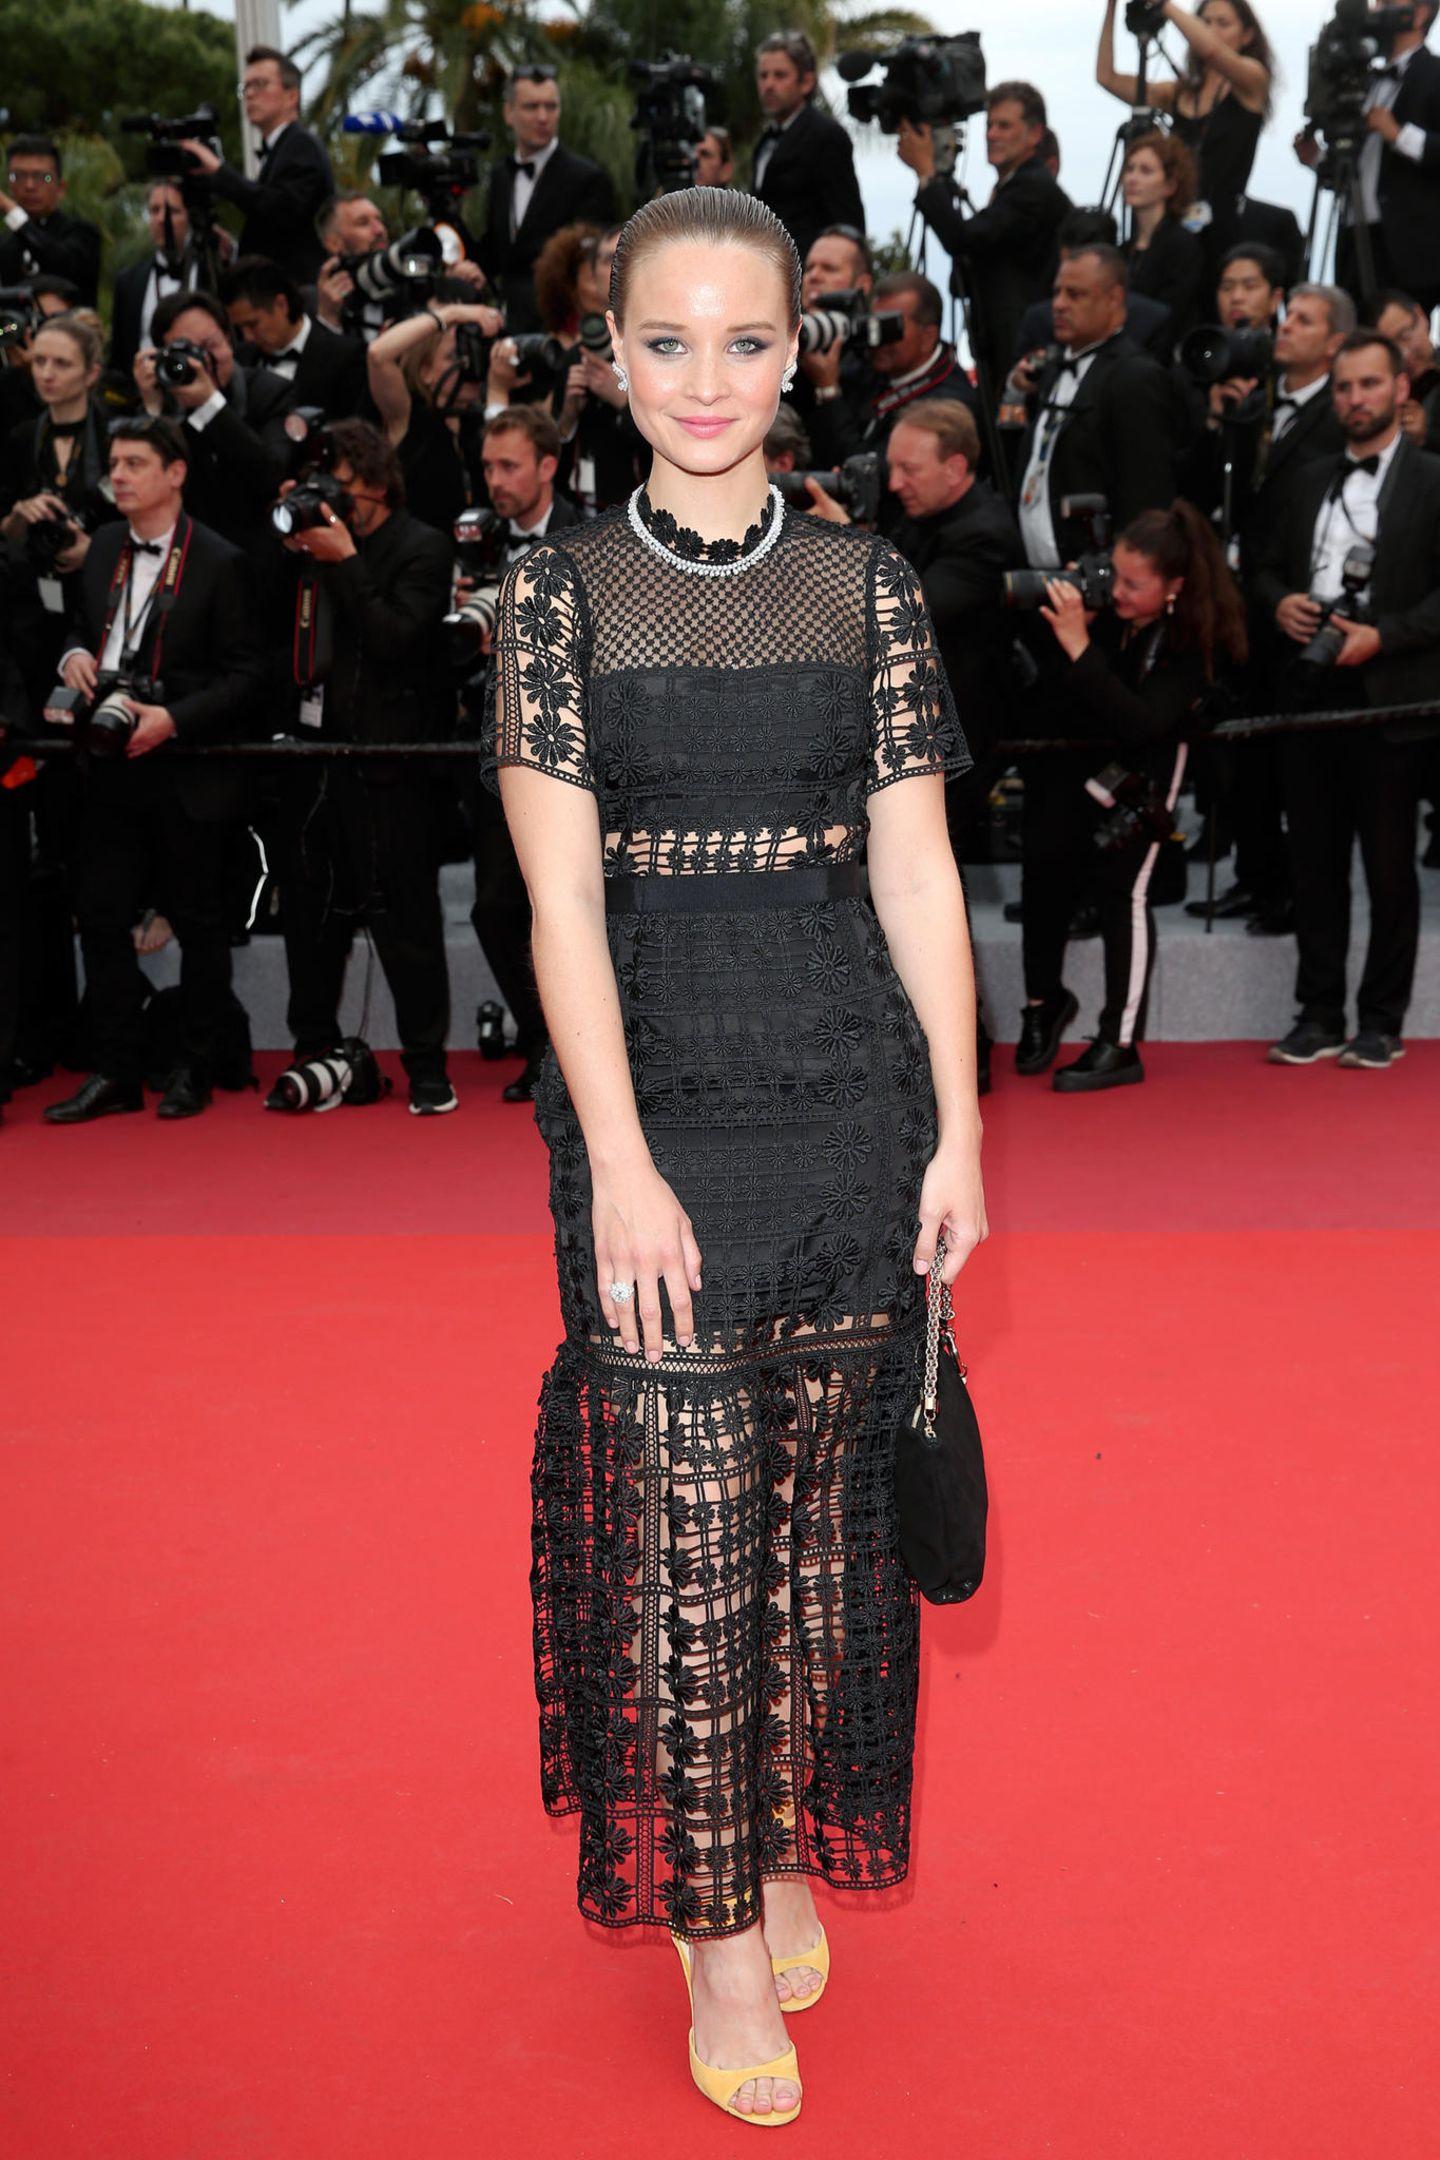 Filmfestspiele Cannes 2019: Die schönsten Looks vom roten